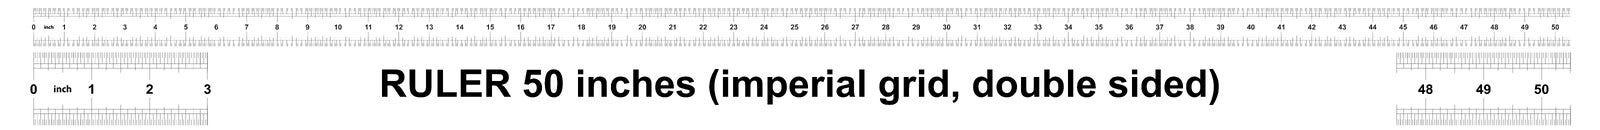 Правитель 50 дюймов имперский Цена разделения 1/32 дюймов Двойник правителя встал на сторону Точный измеряя инструмент Решетка та иллюстрация вектора